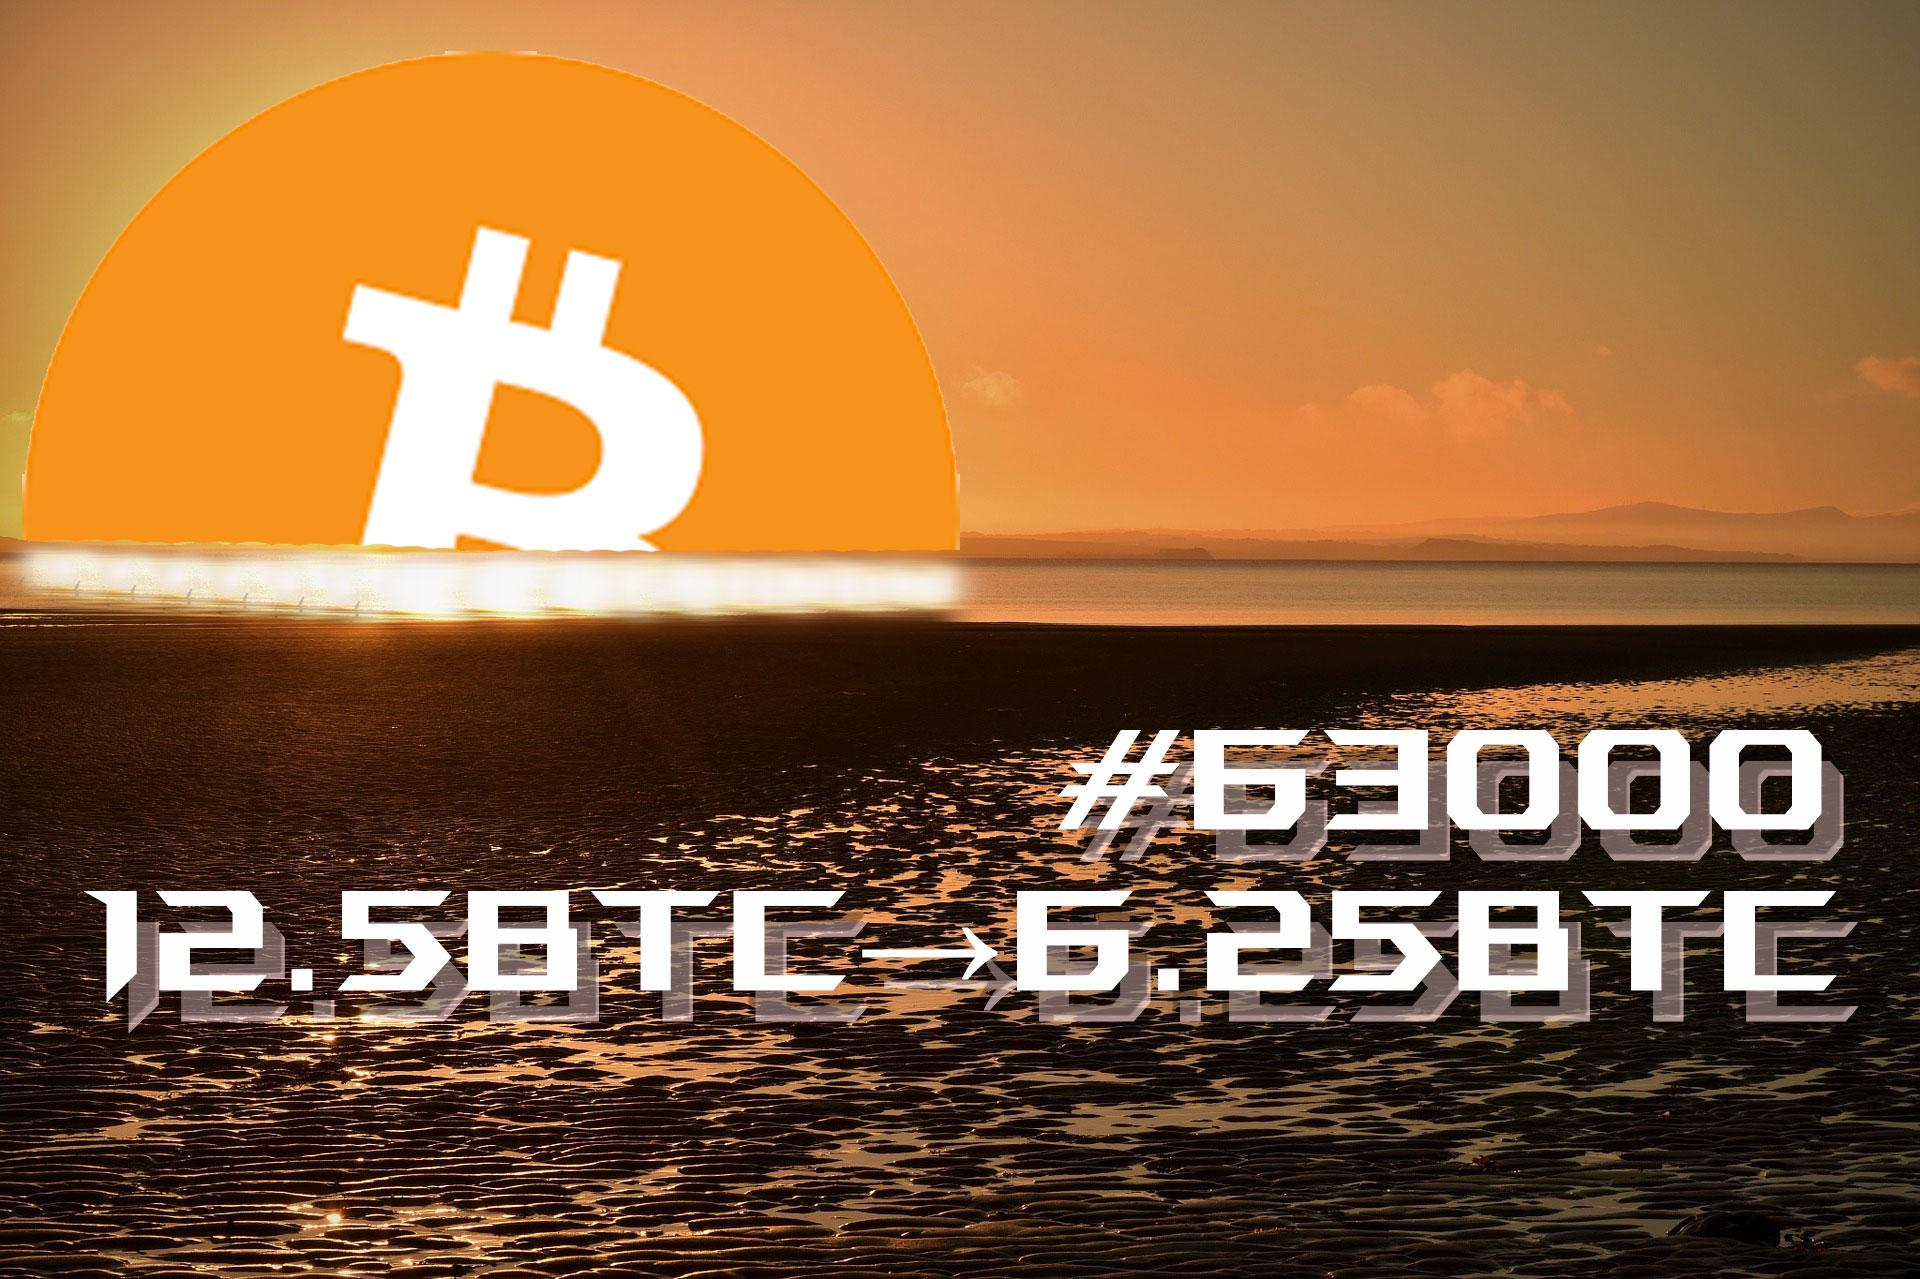 ビットコインが630,000ブロックに到達!3度目の半減期を迎える